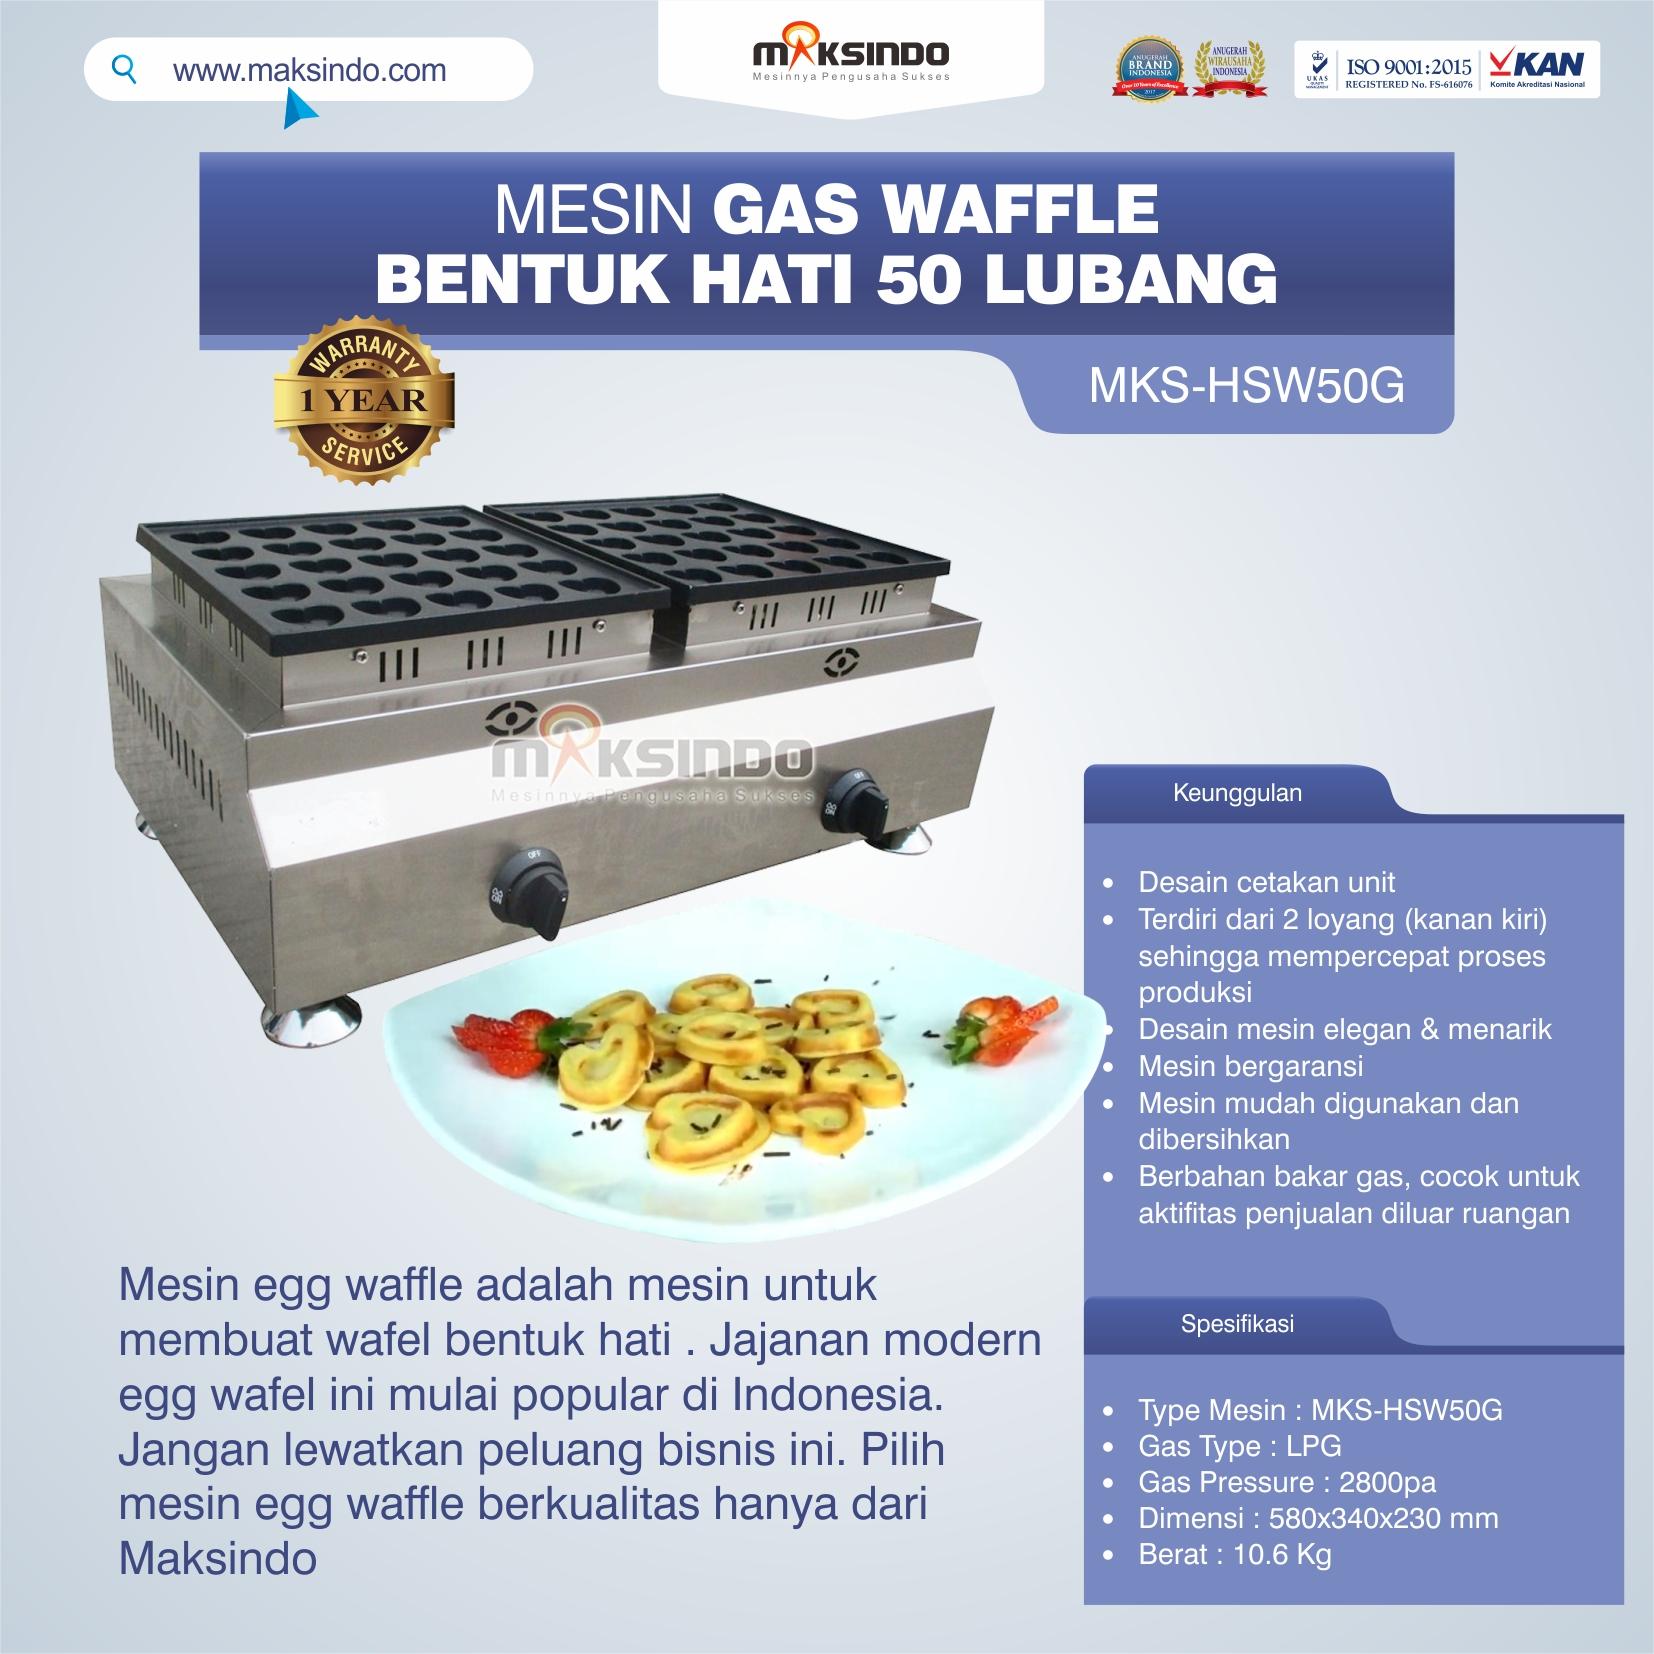 Jual Mesin Waffle Gas Bentuk Hati 50 Lubang MKS-HSW50G di Tangerang